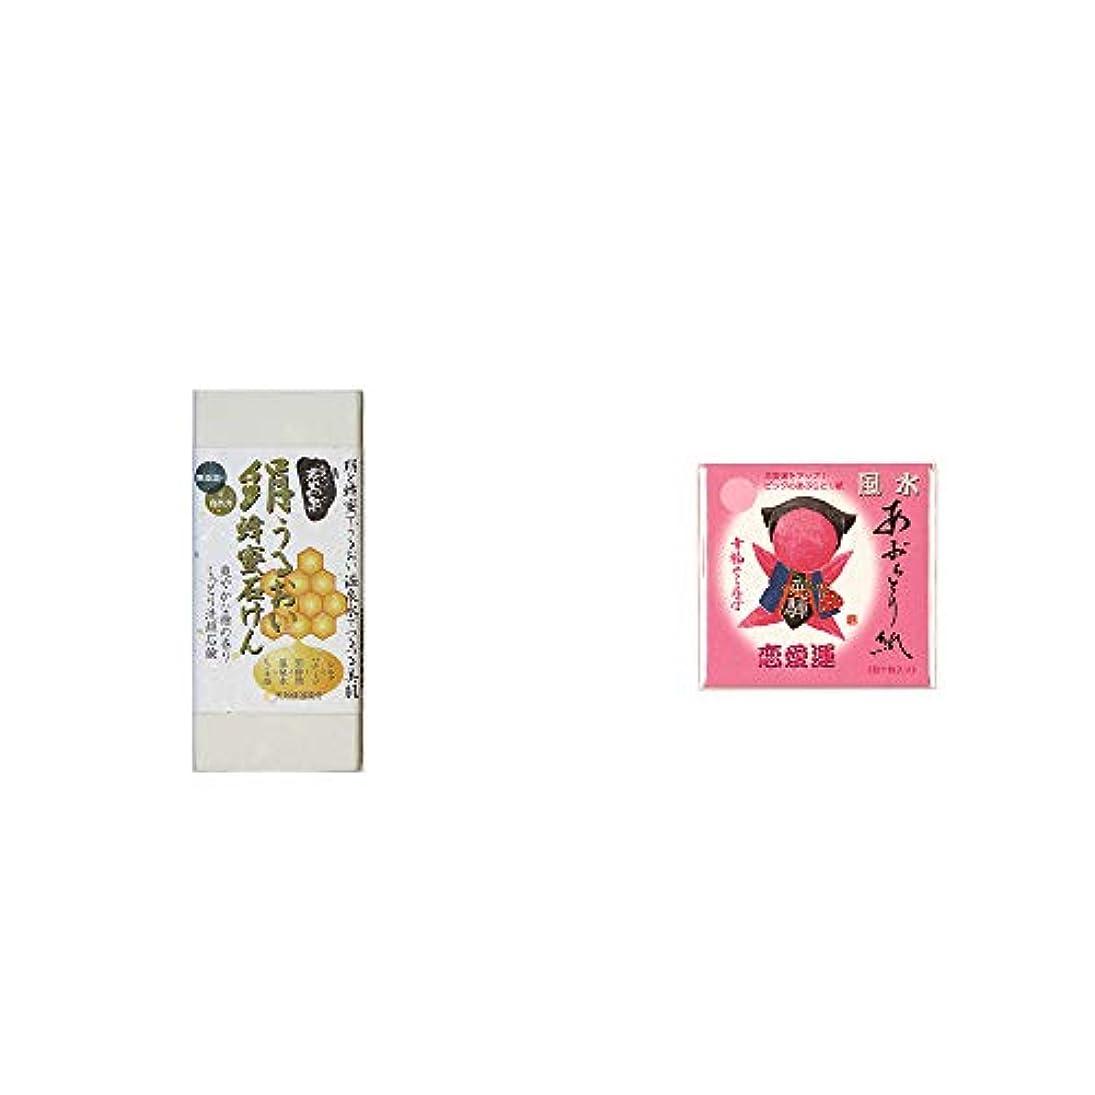 激しいフレームワーク味方[2点セット] ひのき炭黒泉 絹うるおい蜂蜜石けん(75g×2)?さるぼぼ 風水あぶらとり紙【ピンク】